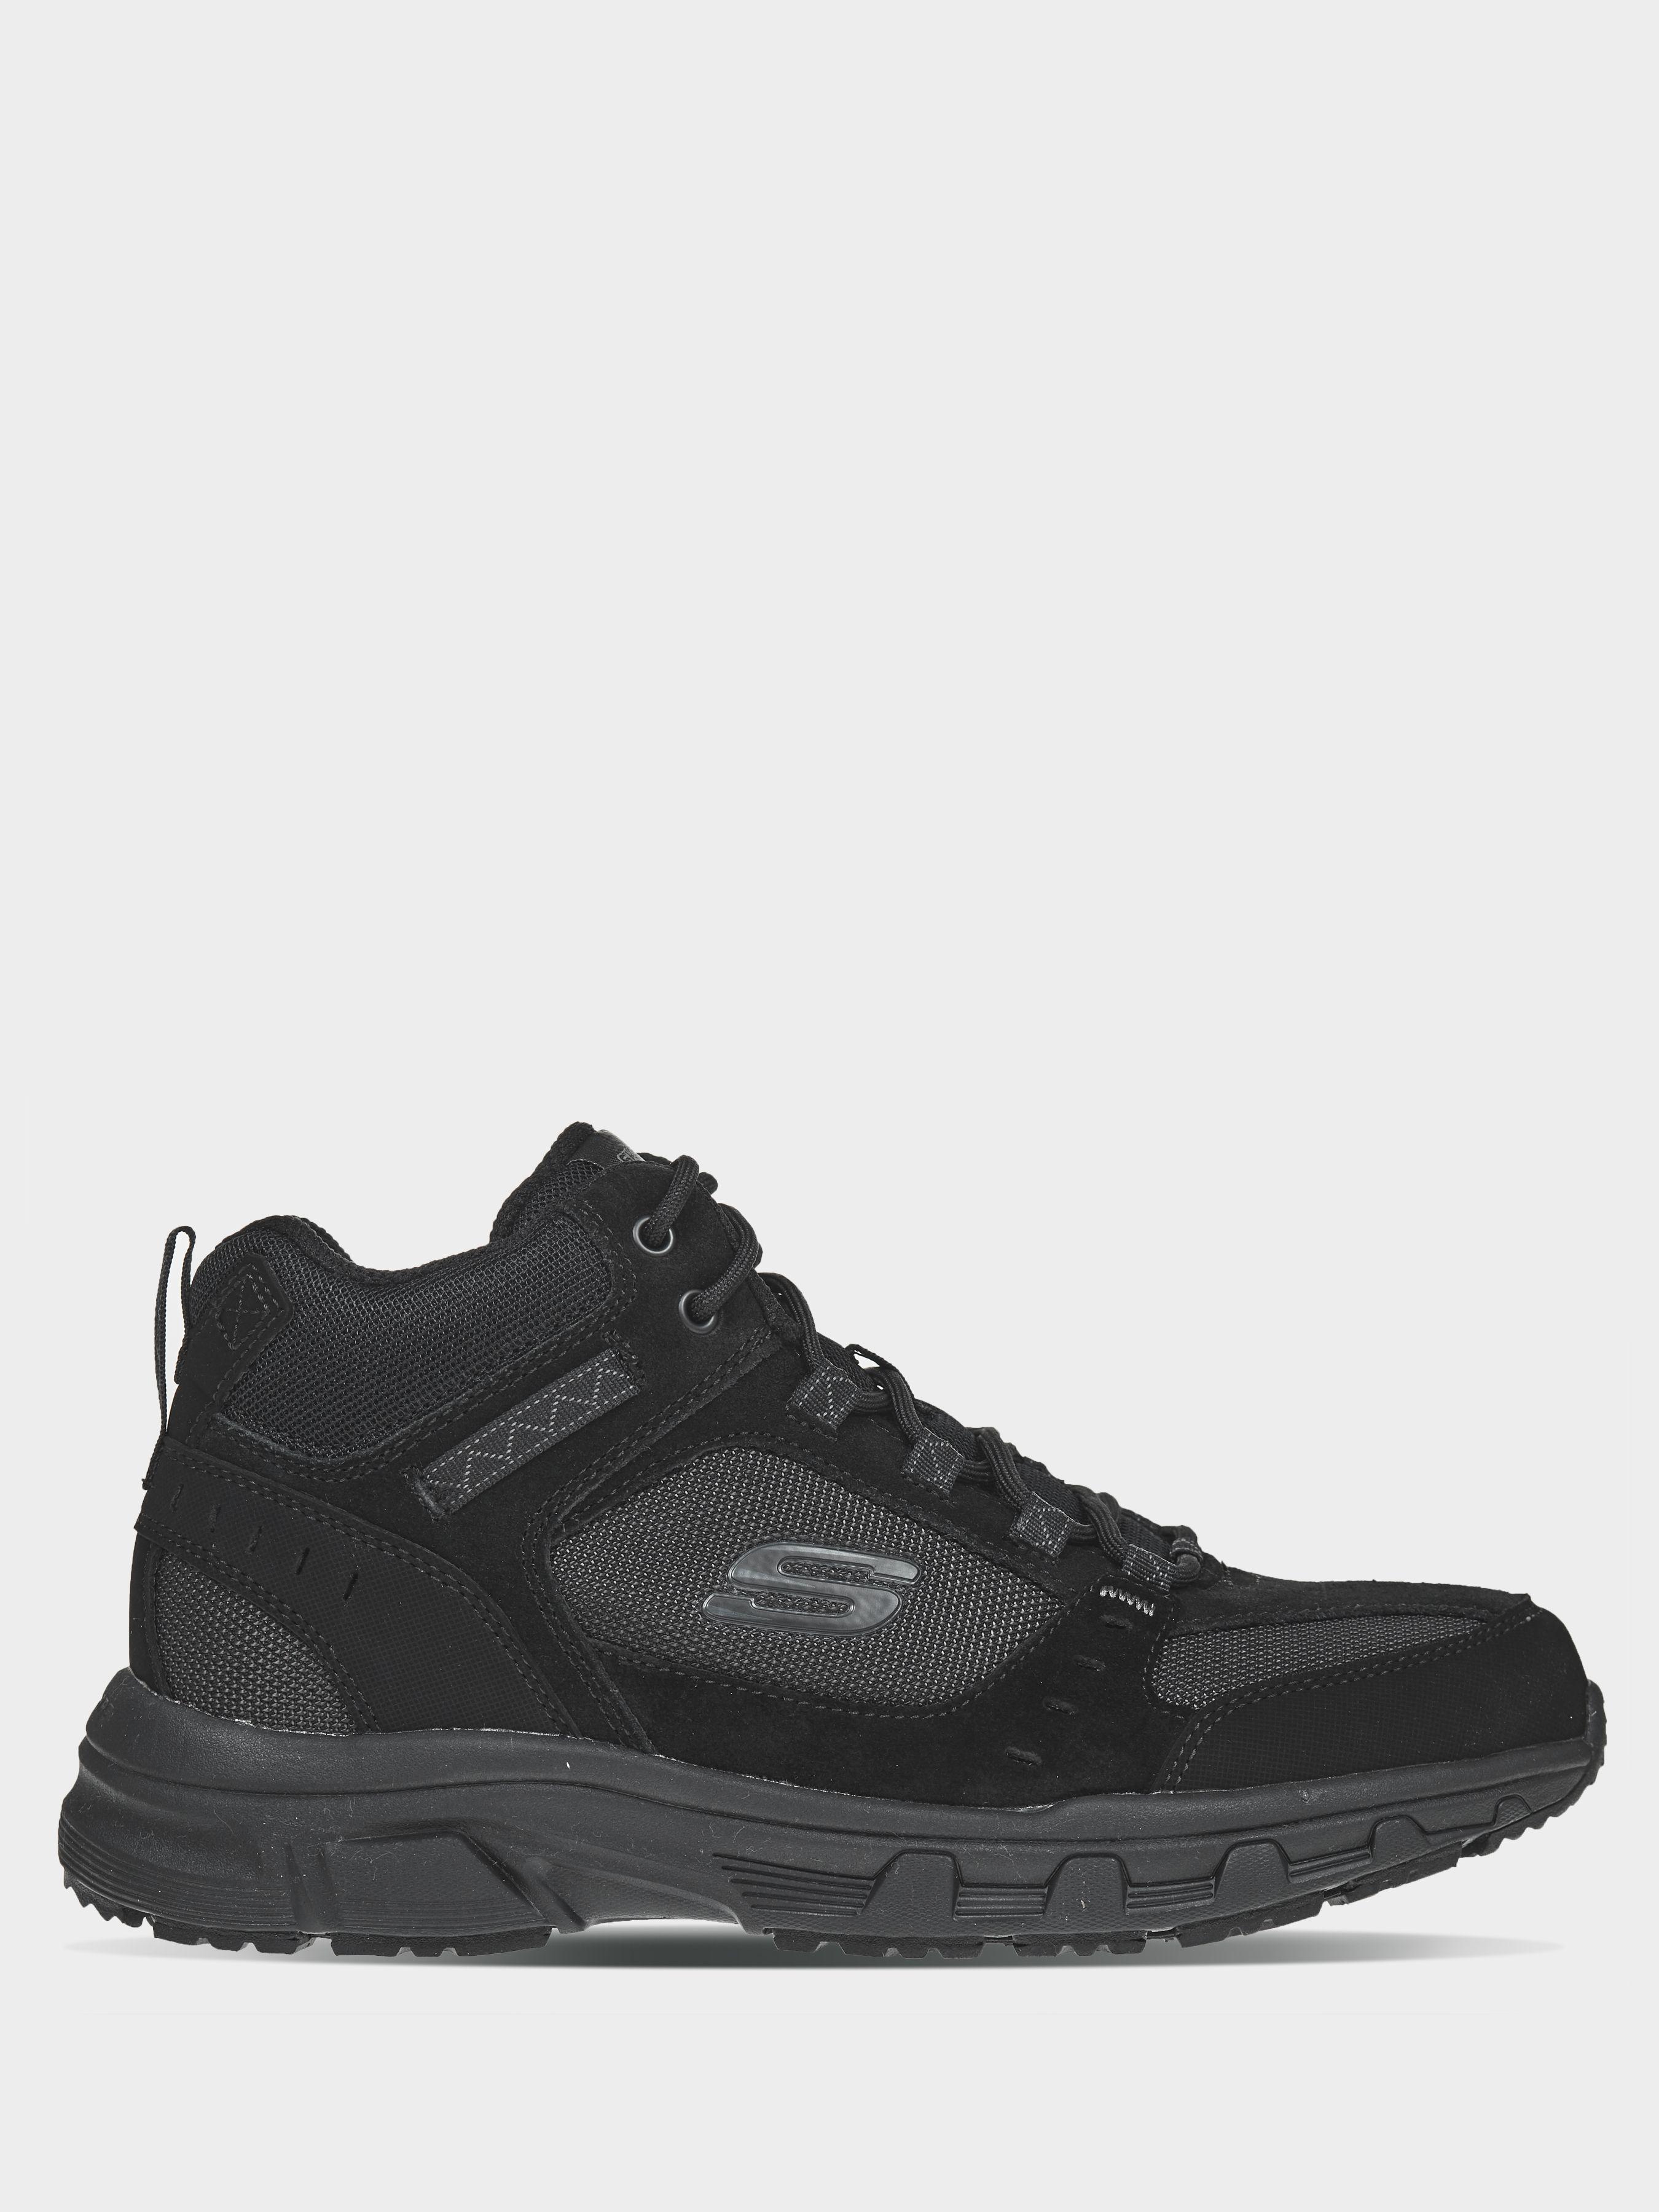 Купить Ботинки мужские Skechers KM3380, Черный